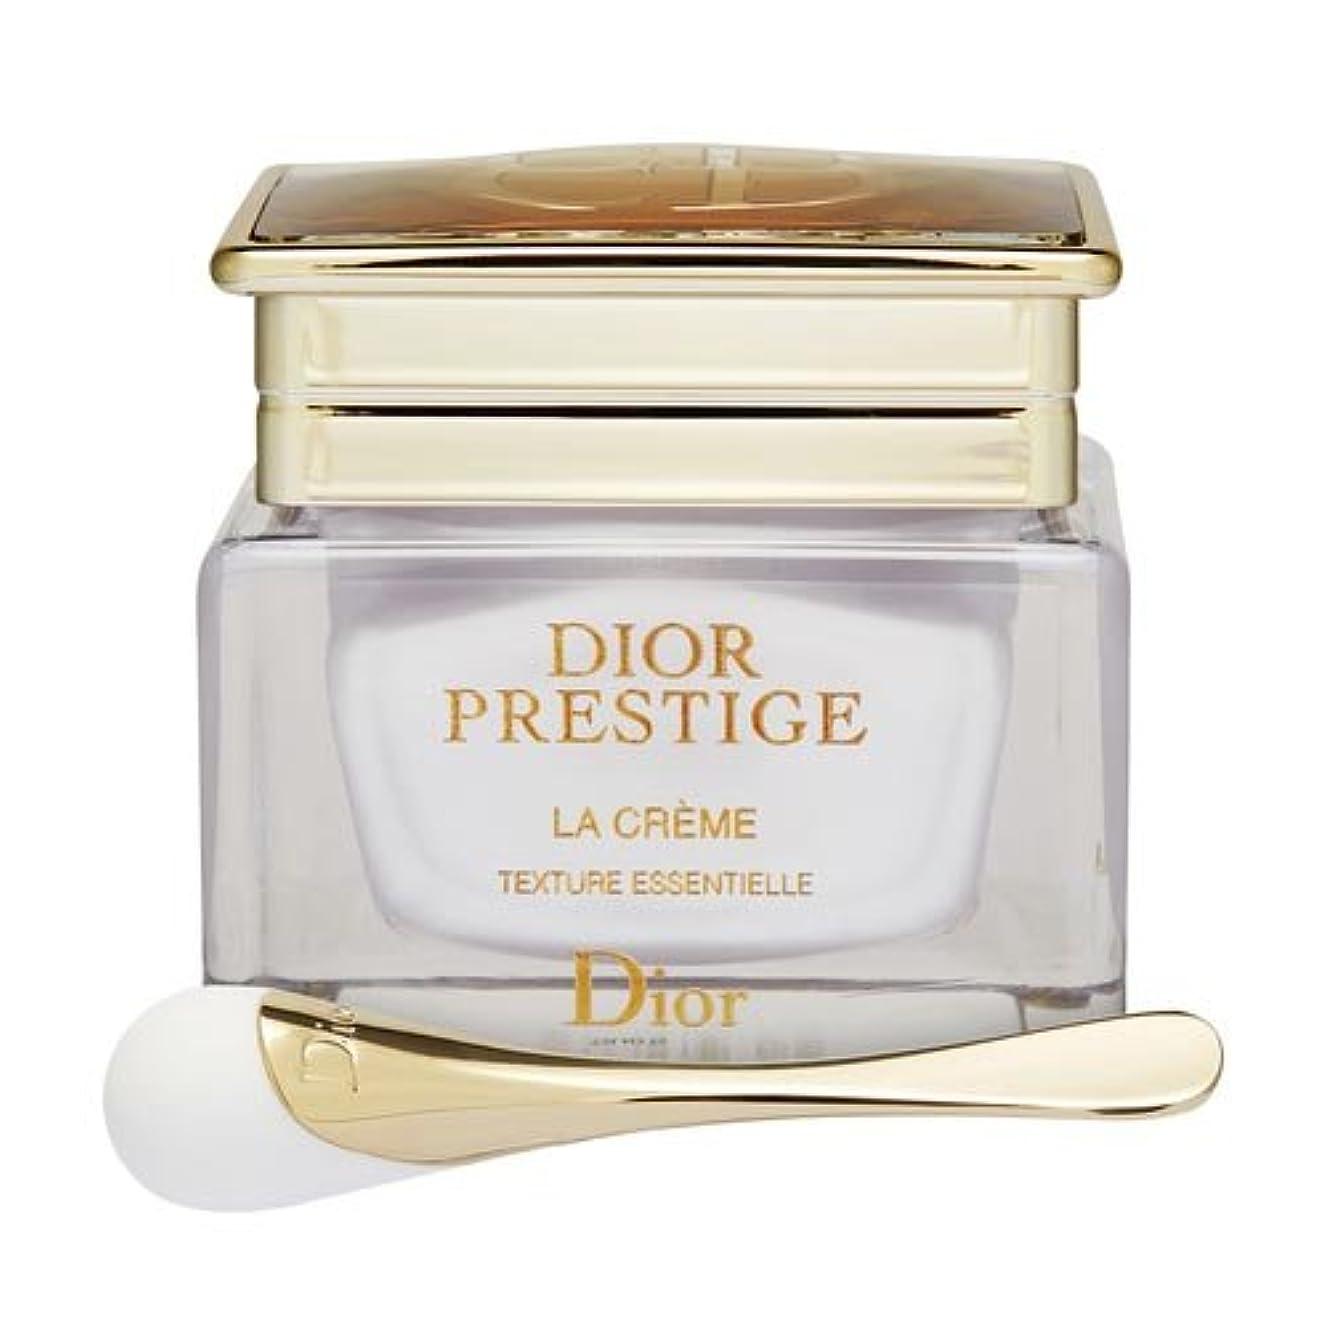 貯水池サービス運動ディオール(Dior) プレステージ ラ クレーム 50ml[並行輸入品]